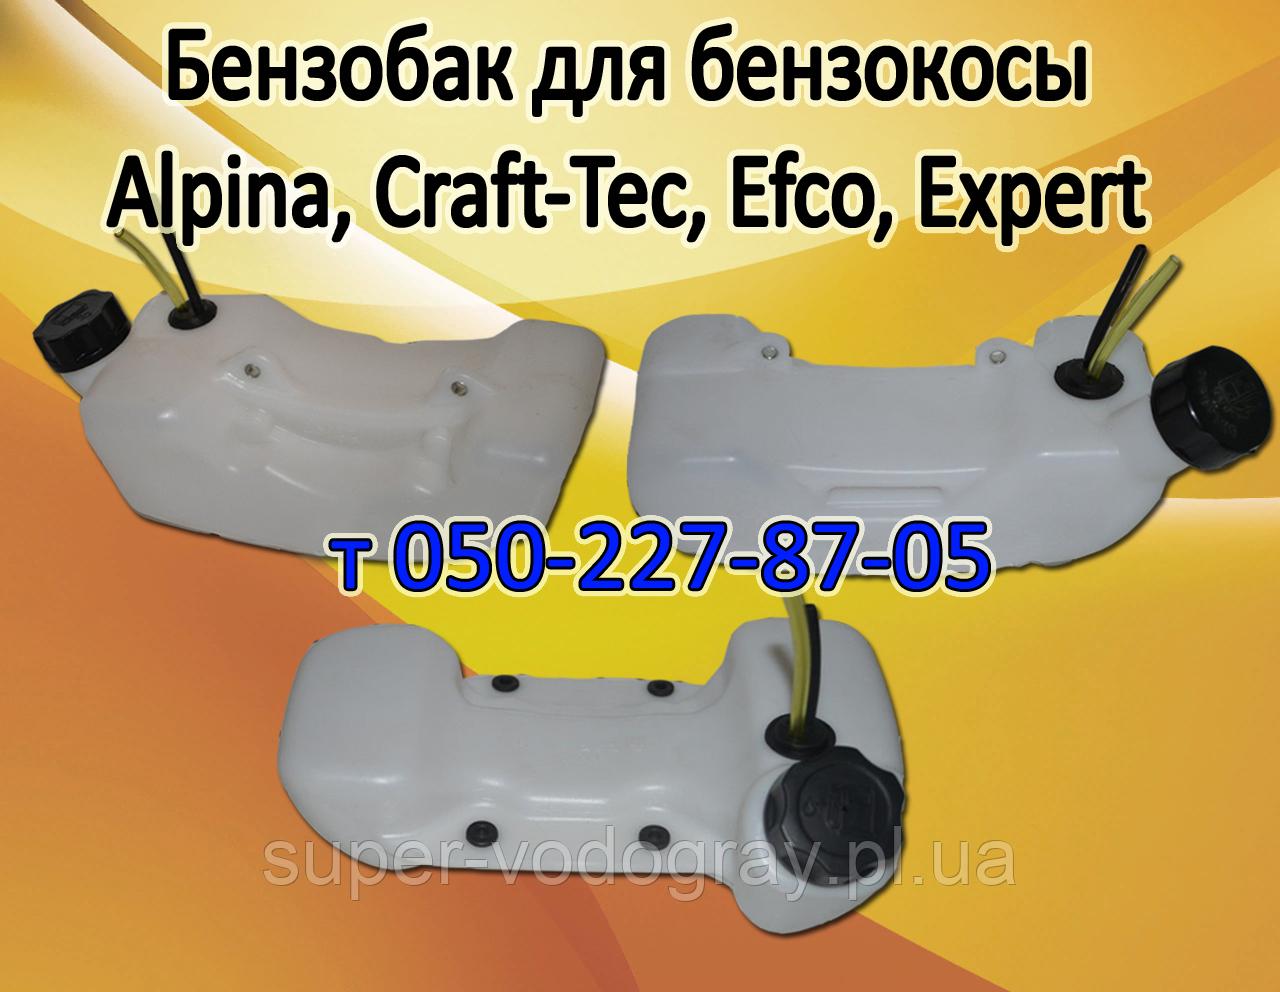 Бак бензиновый для бензокосы Alpina, Craft-Tec, Efco, Expert